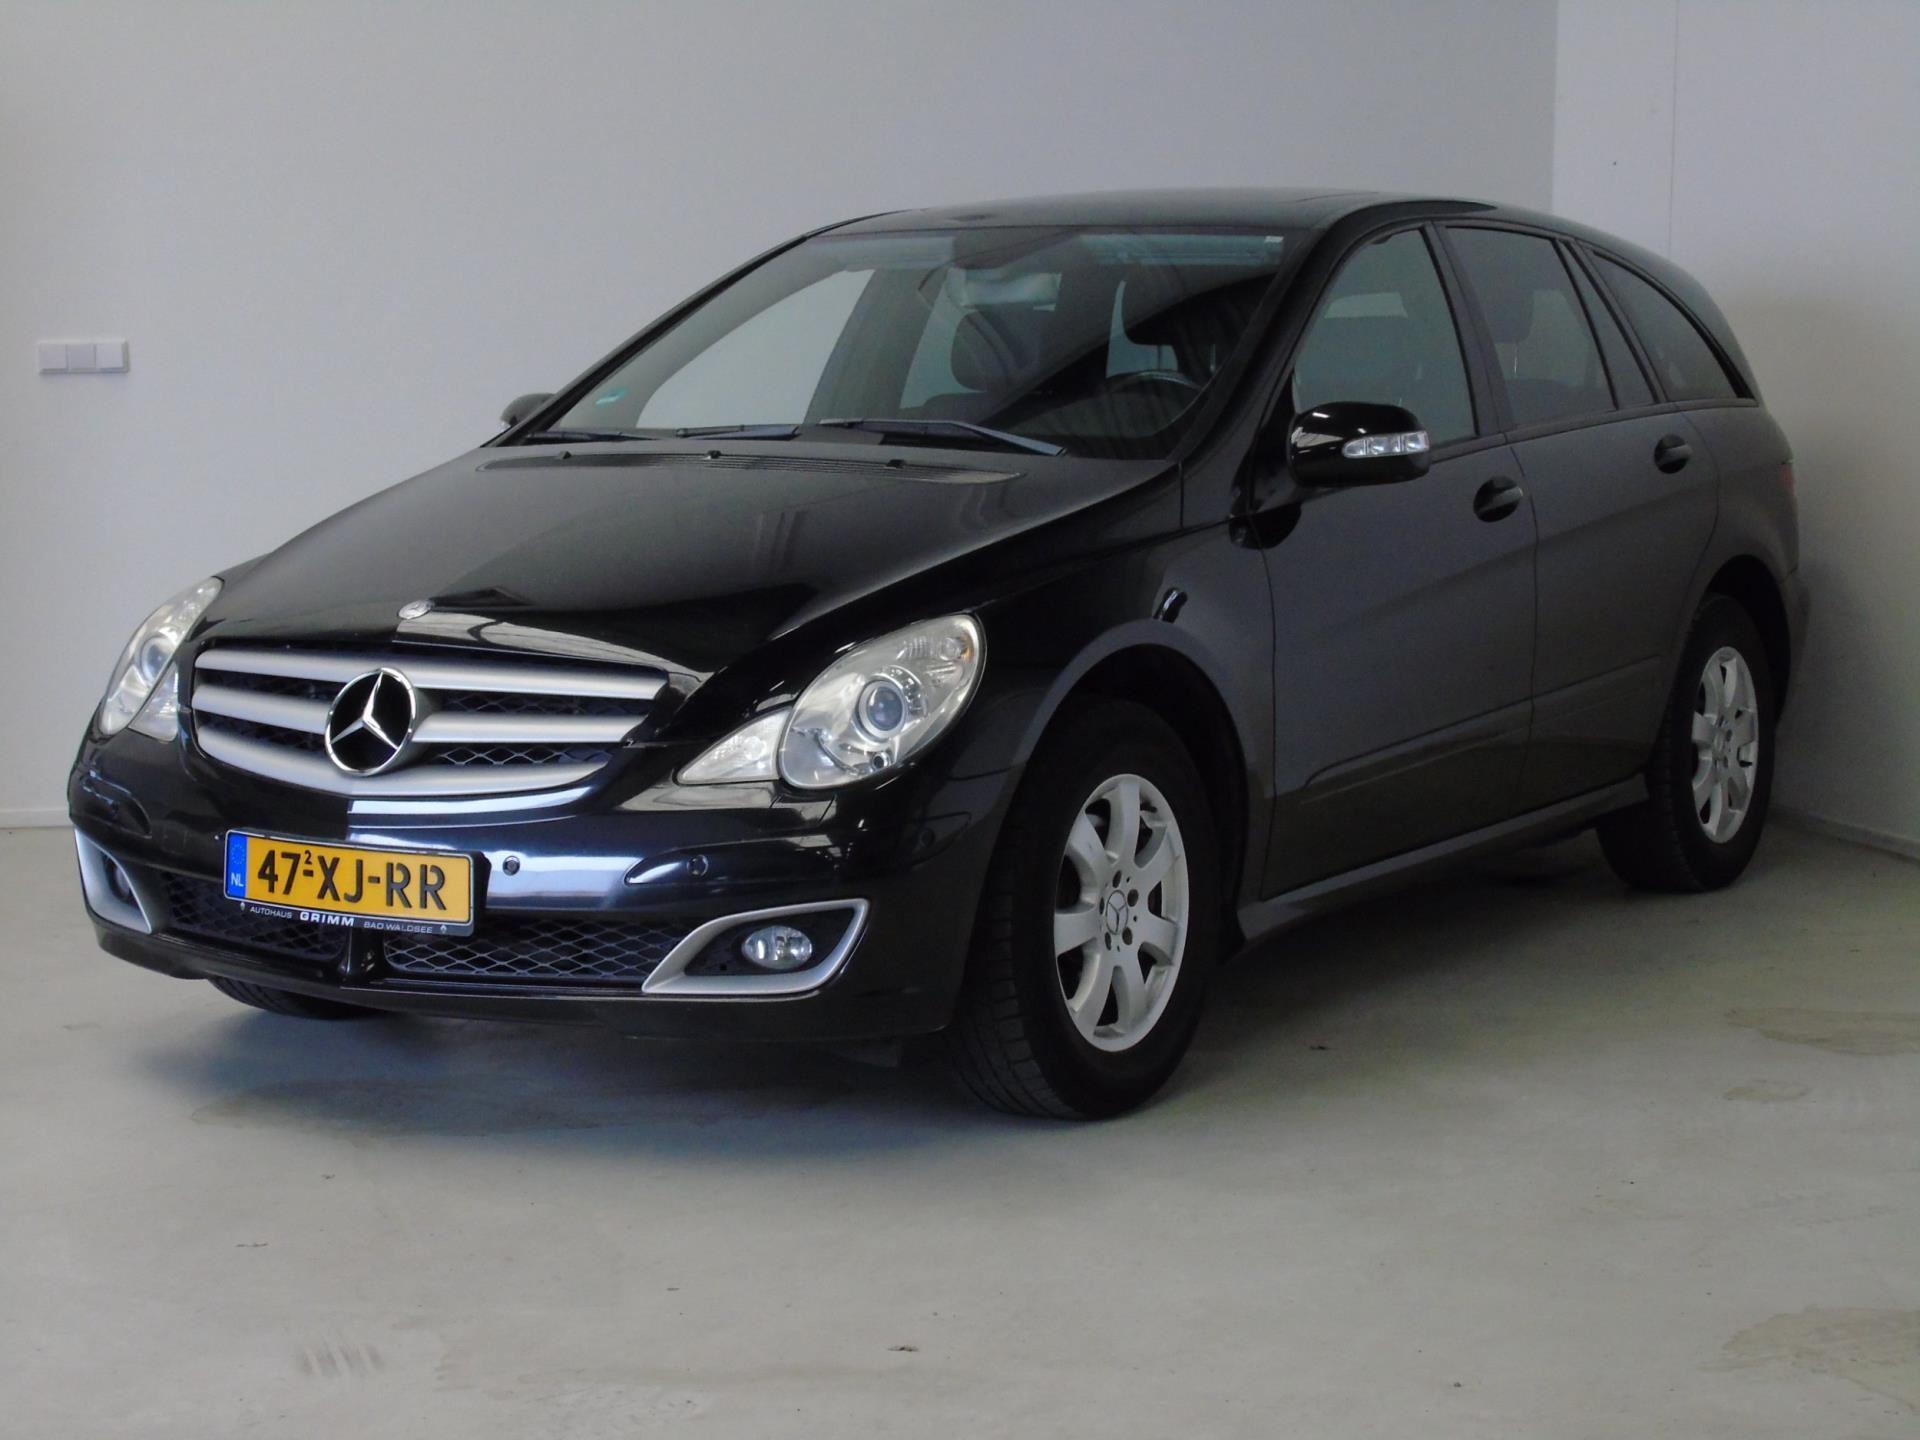 Mercedes-Benz R-klasse occasion - van Dijk auto's